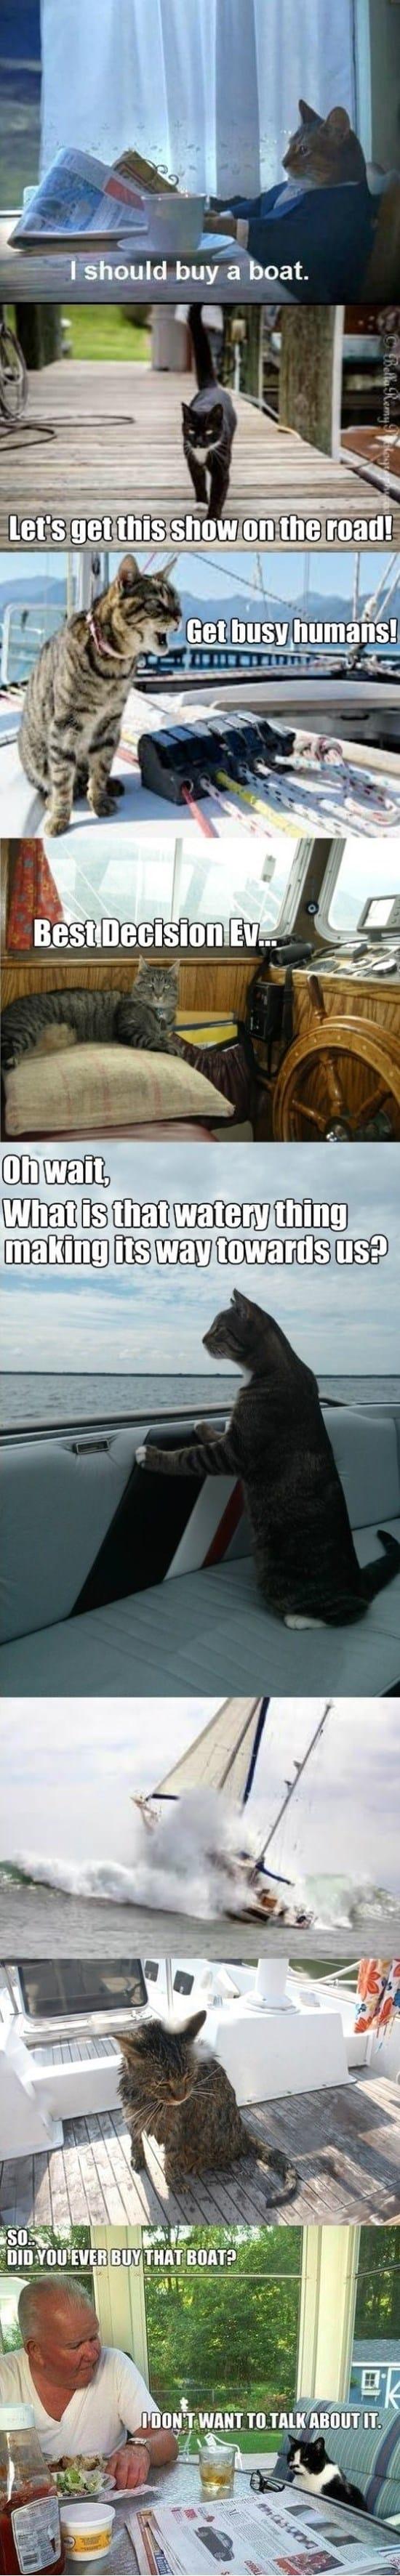 i-should-buy-a-boat